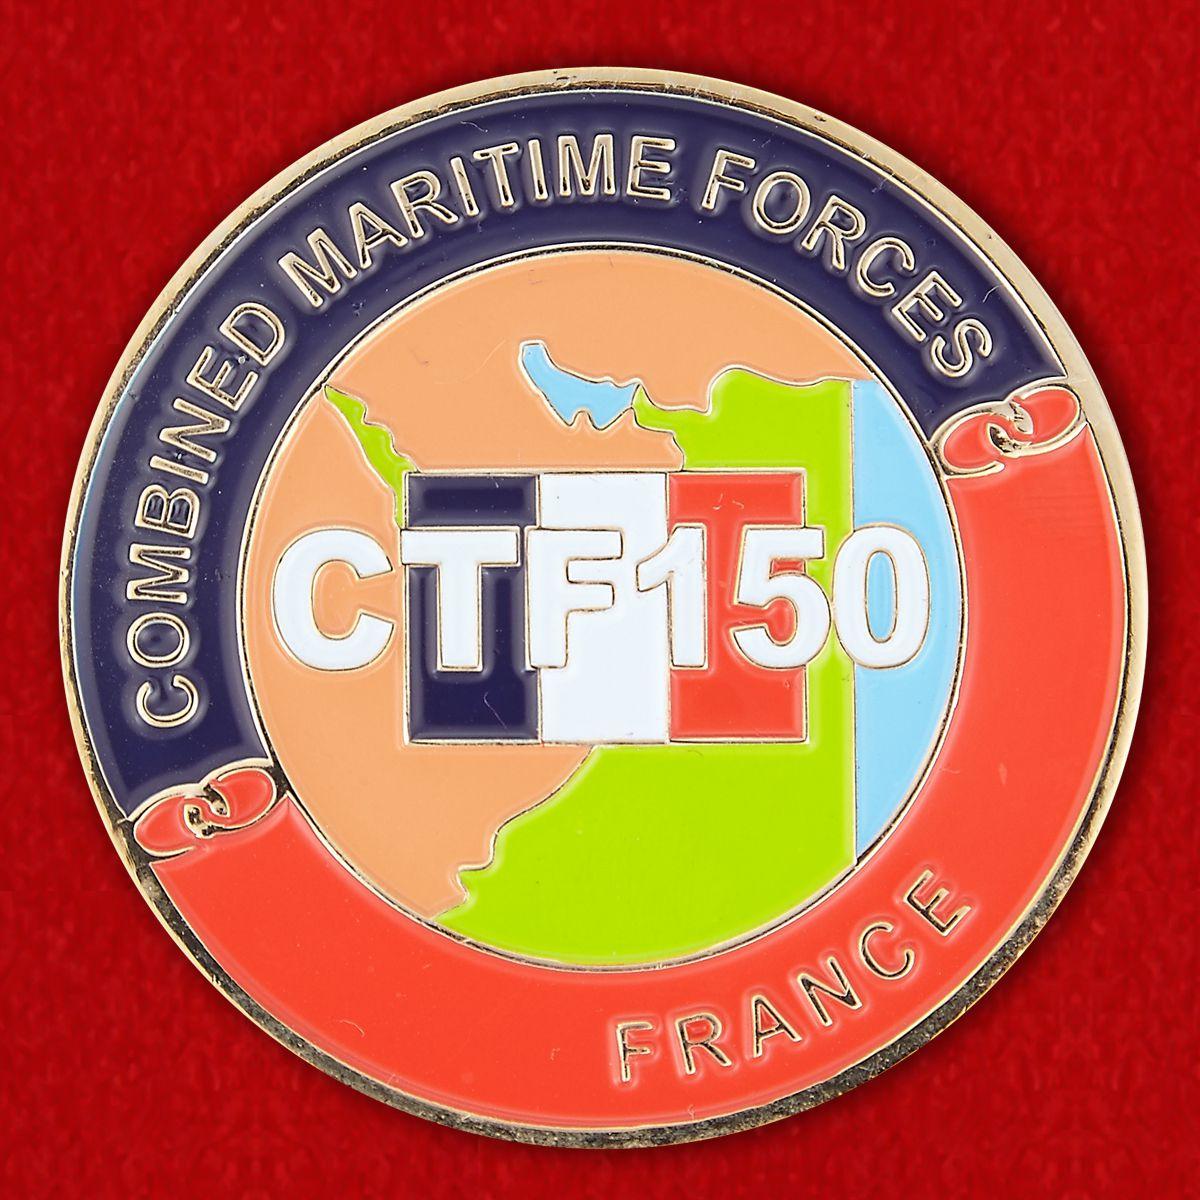 Челлендж коин Объединенных морских сил 150-й совместной тактической группы